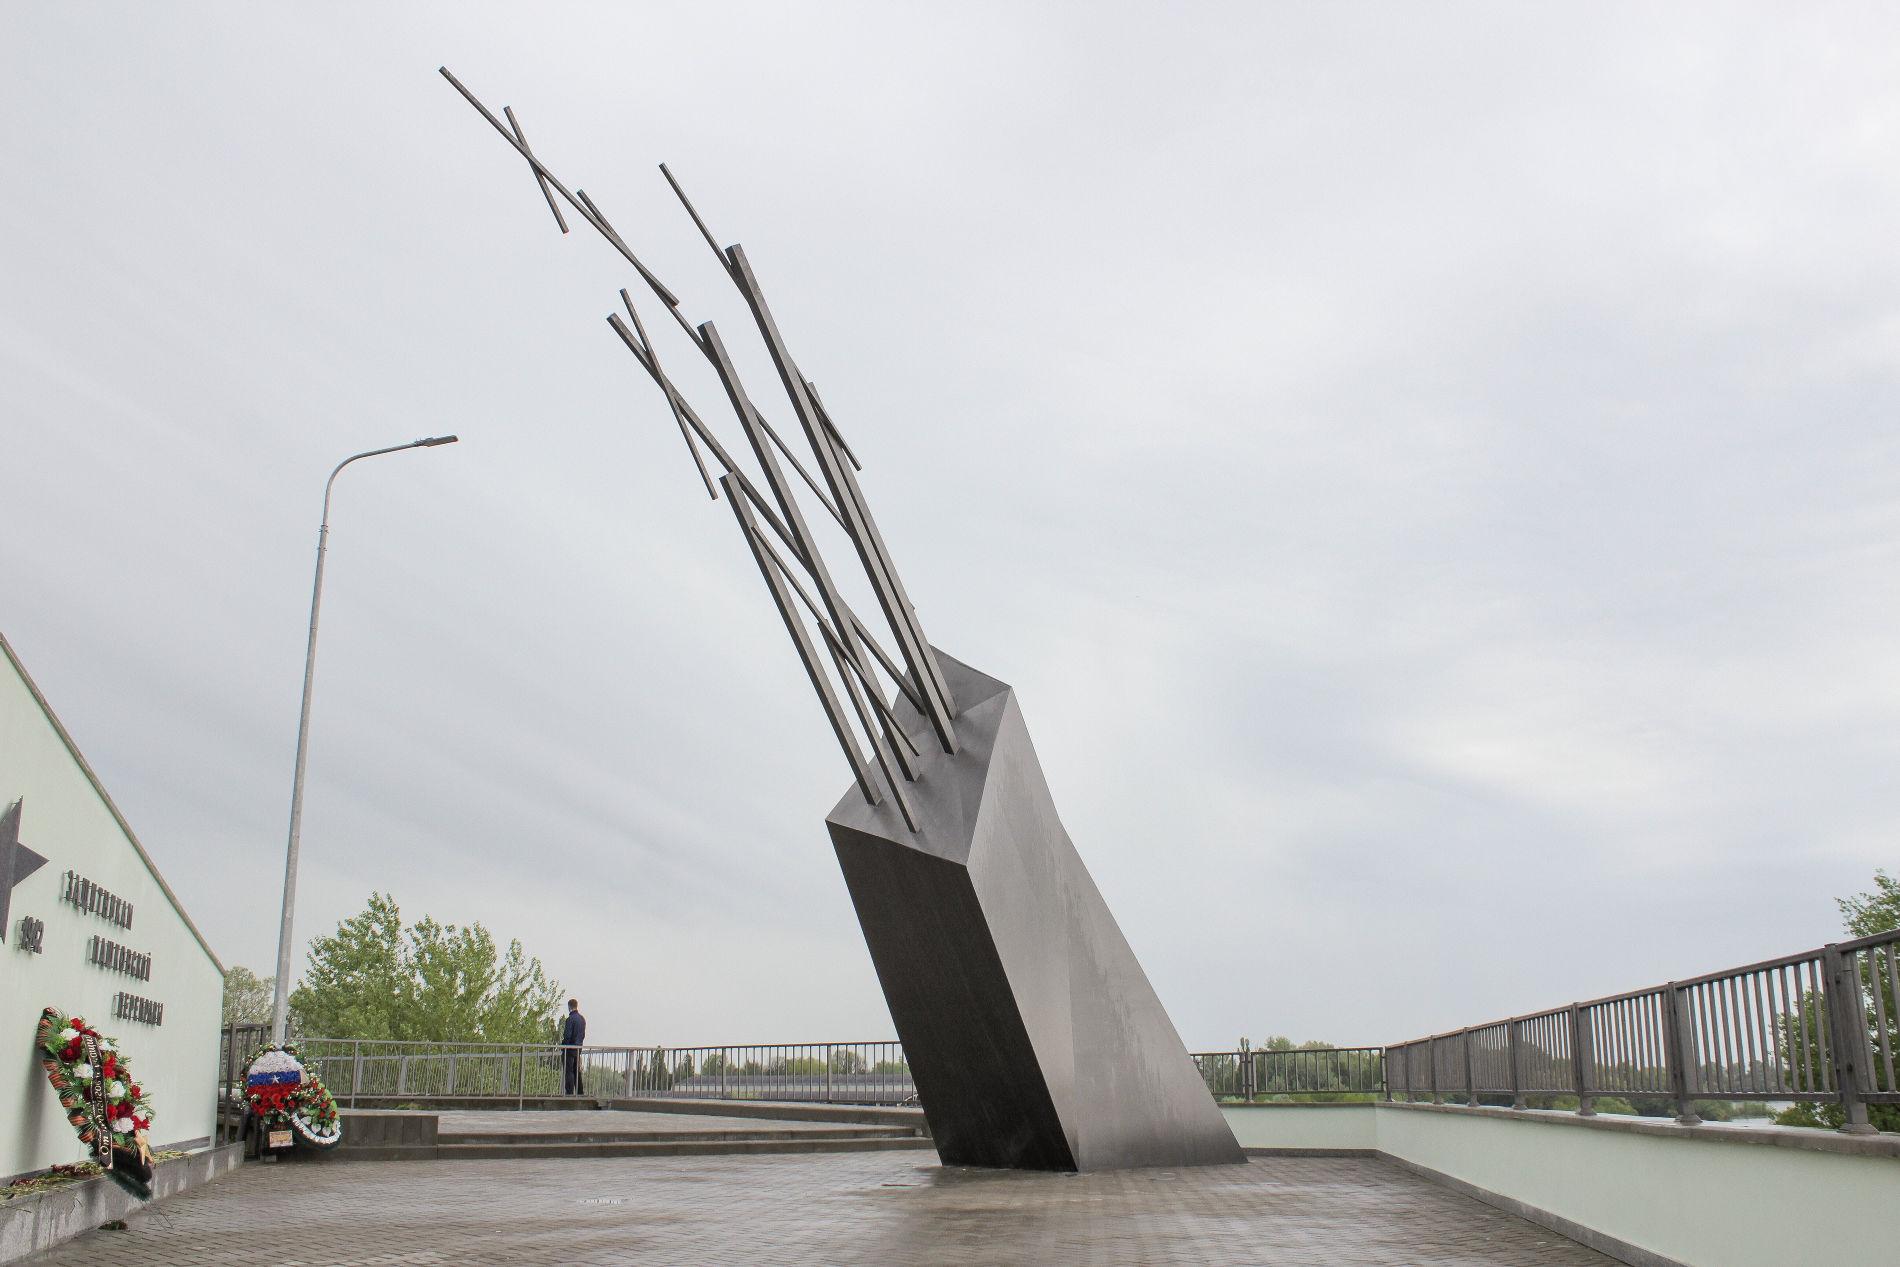 Обязательно поднимитесь на верхнюю площадку мемориального комплекса ©Фото Динара Бурангулова, Юга.ру